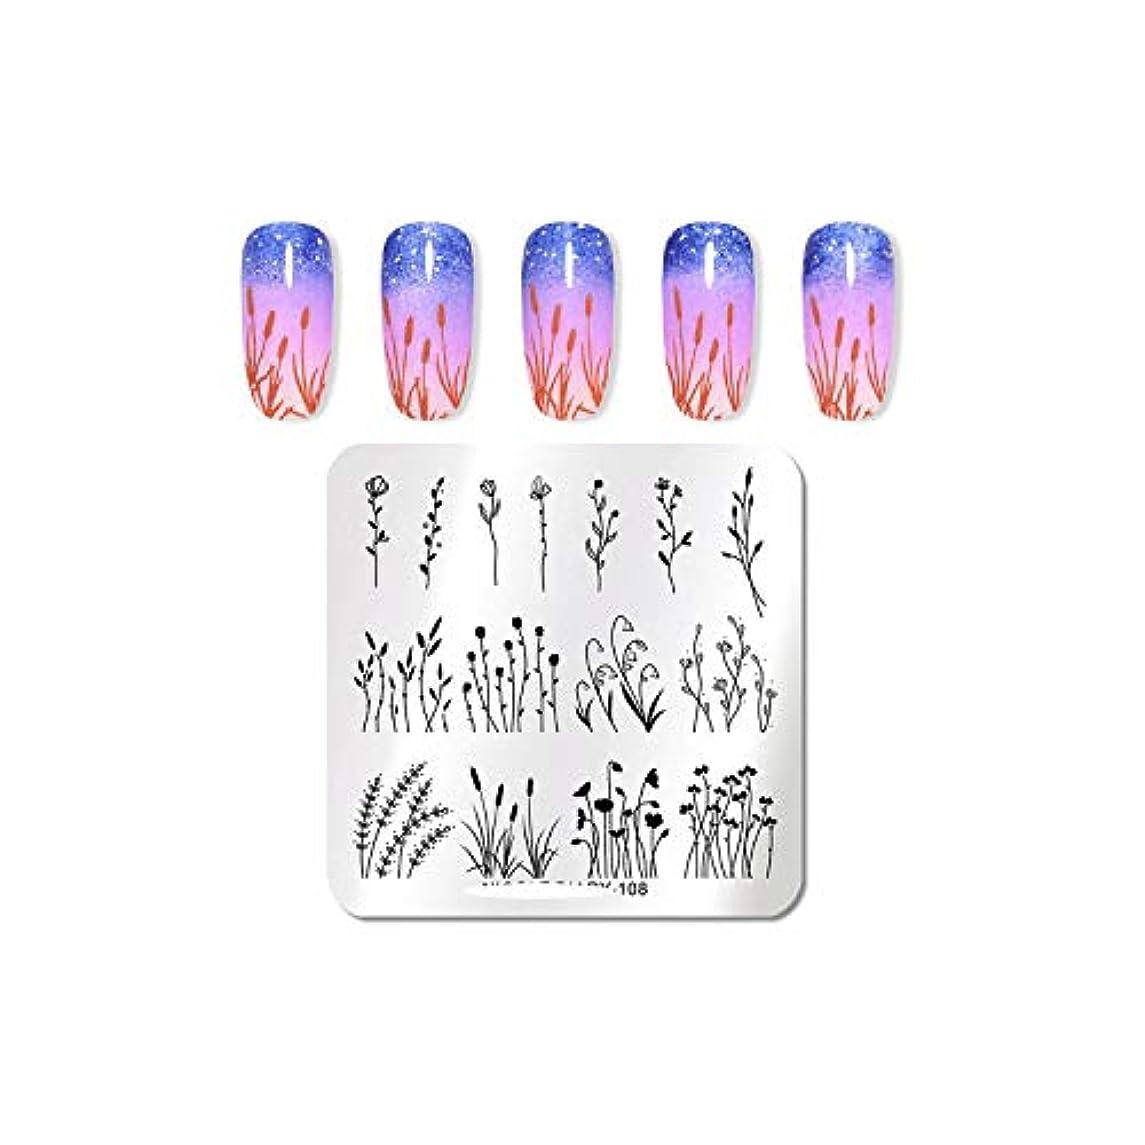 ぬいぐるみファイルストレンジャーAKIROKハロウィンネイルスタンピングプレートフラワースネークスキンネイルテンプレートスタンプネイルアートスタンプ画像テンプレートネイルアートステンシル,ND-108